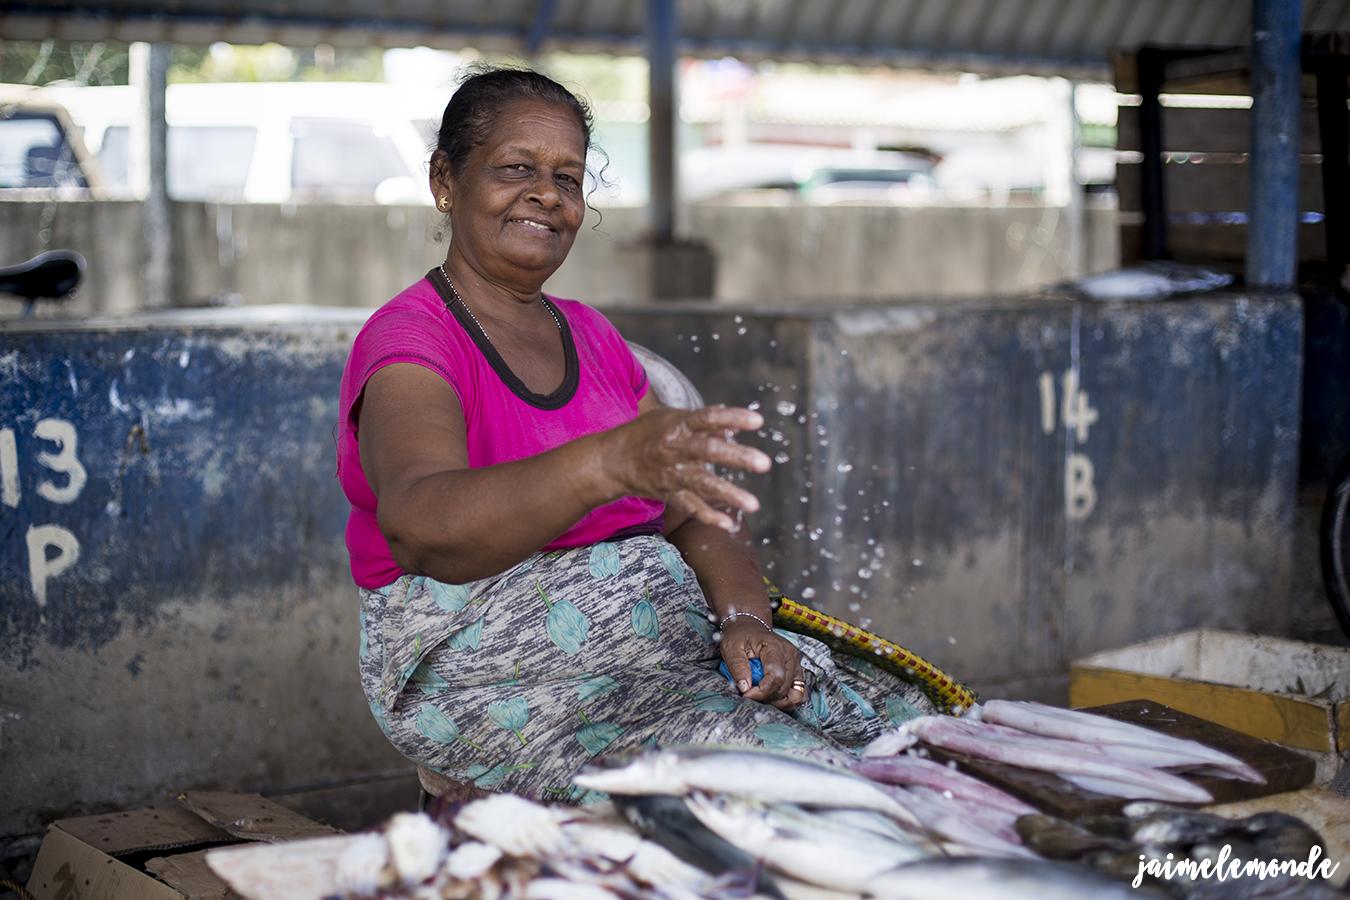 negombo-marche-aux-poissons-voyage-au-sri-lanka-jaimelemonde-8